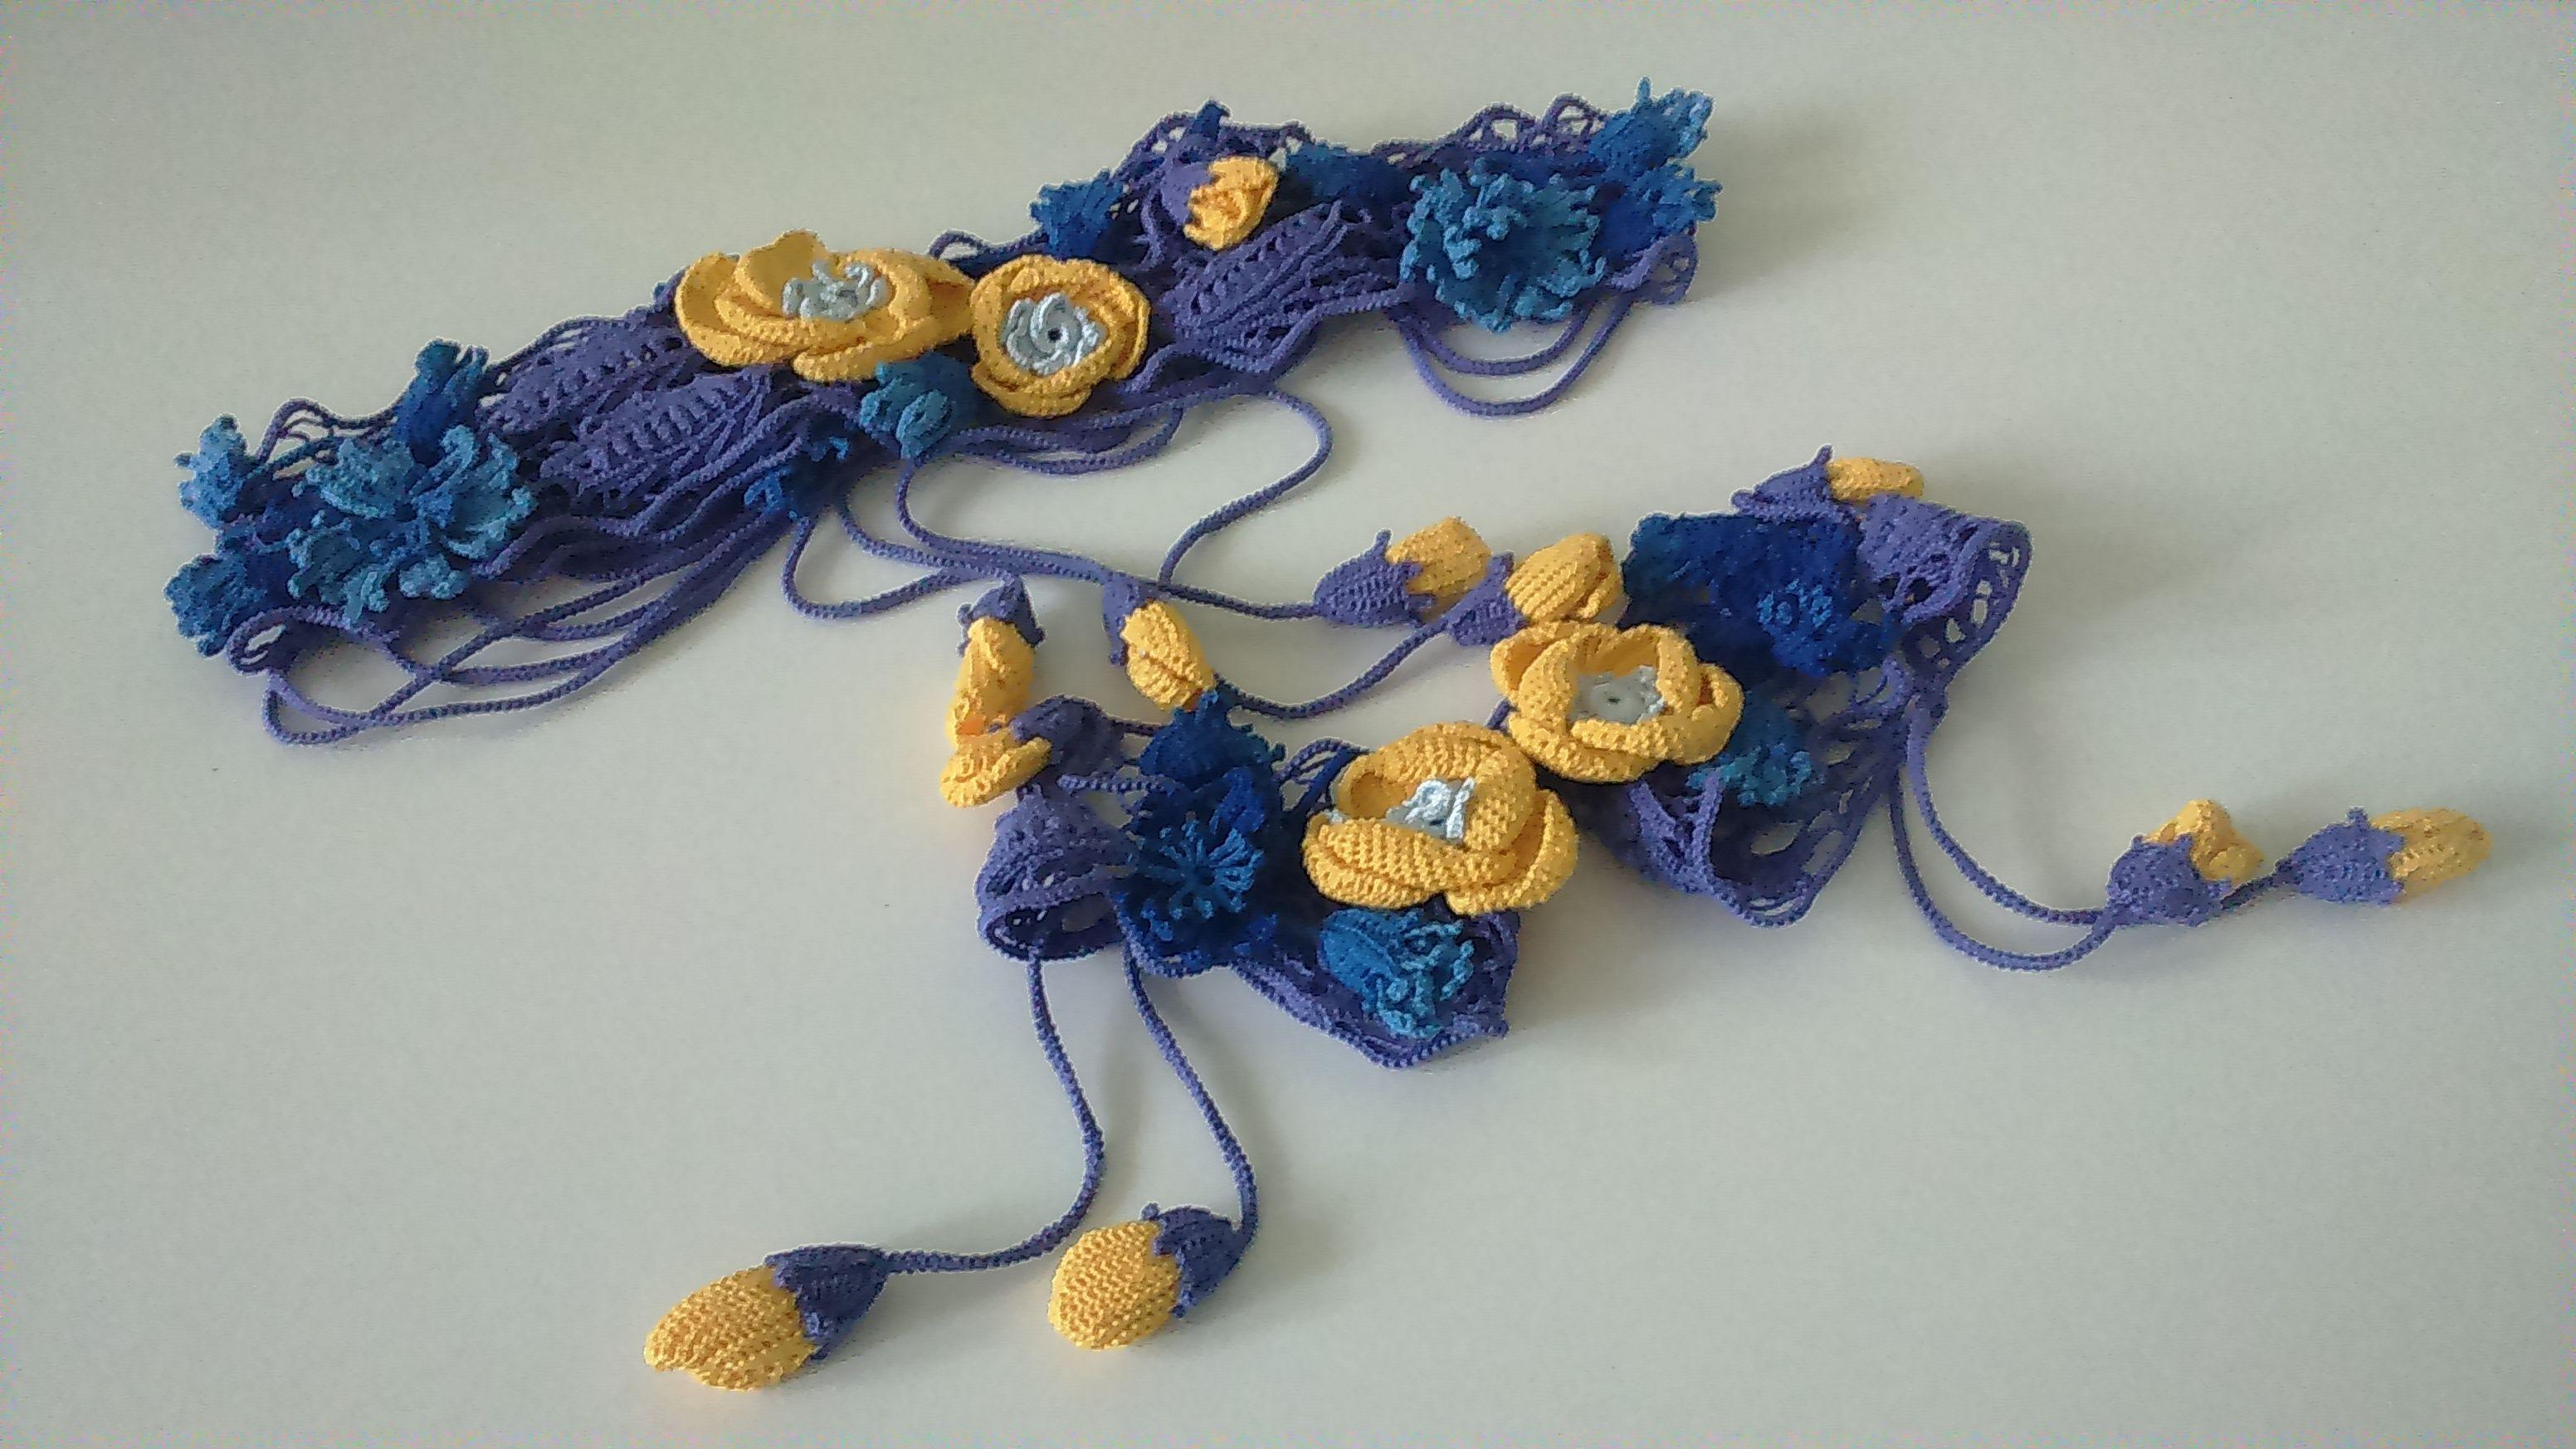 ирландское желтыемаки фиолетовый ирландскоекружево кружева тунис полевыецветы желтый пояс васильки синий хлопок тунисскоевязание цветы